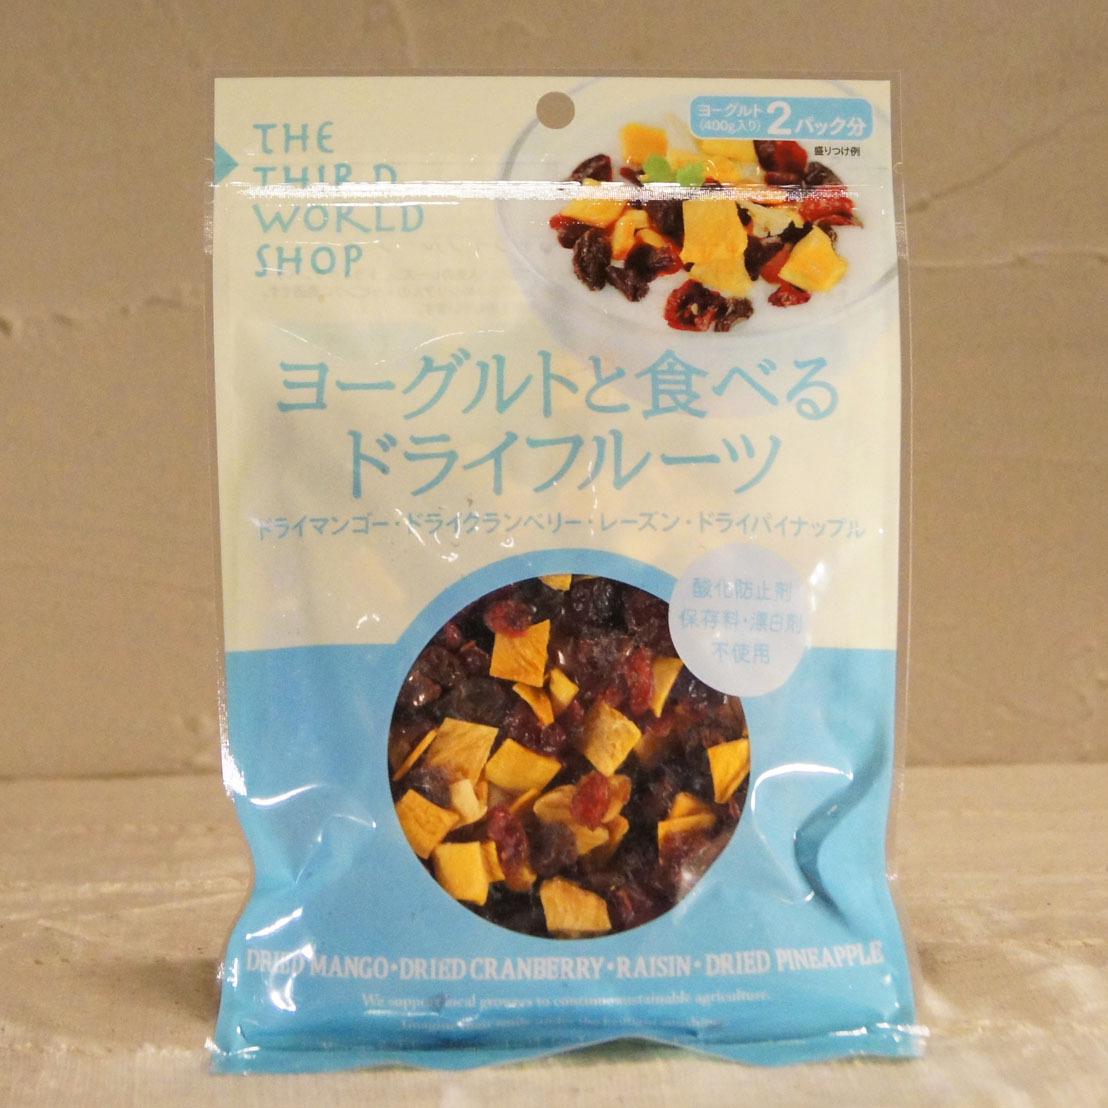 【第3世界ショップ】ヨーグルトと食べるドライフルーツ